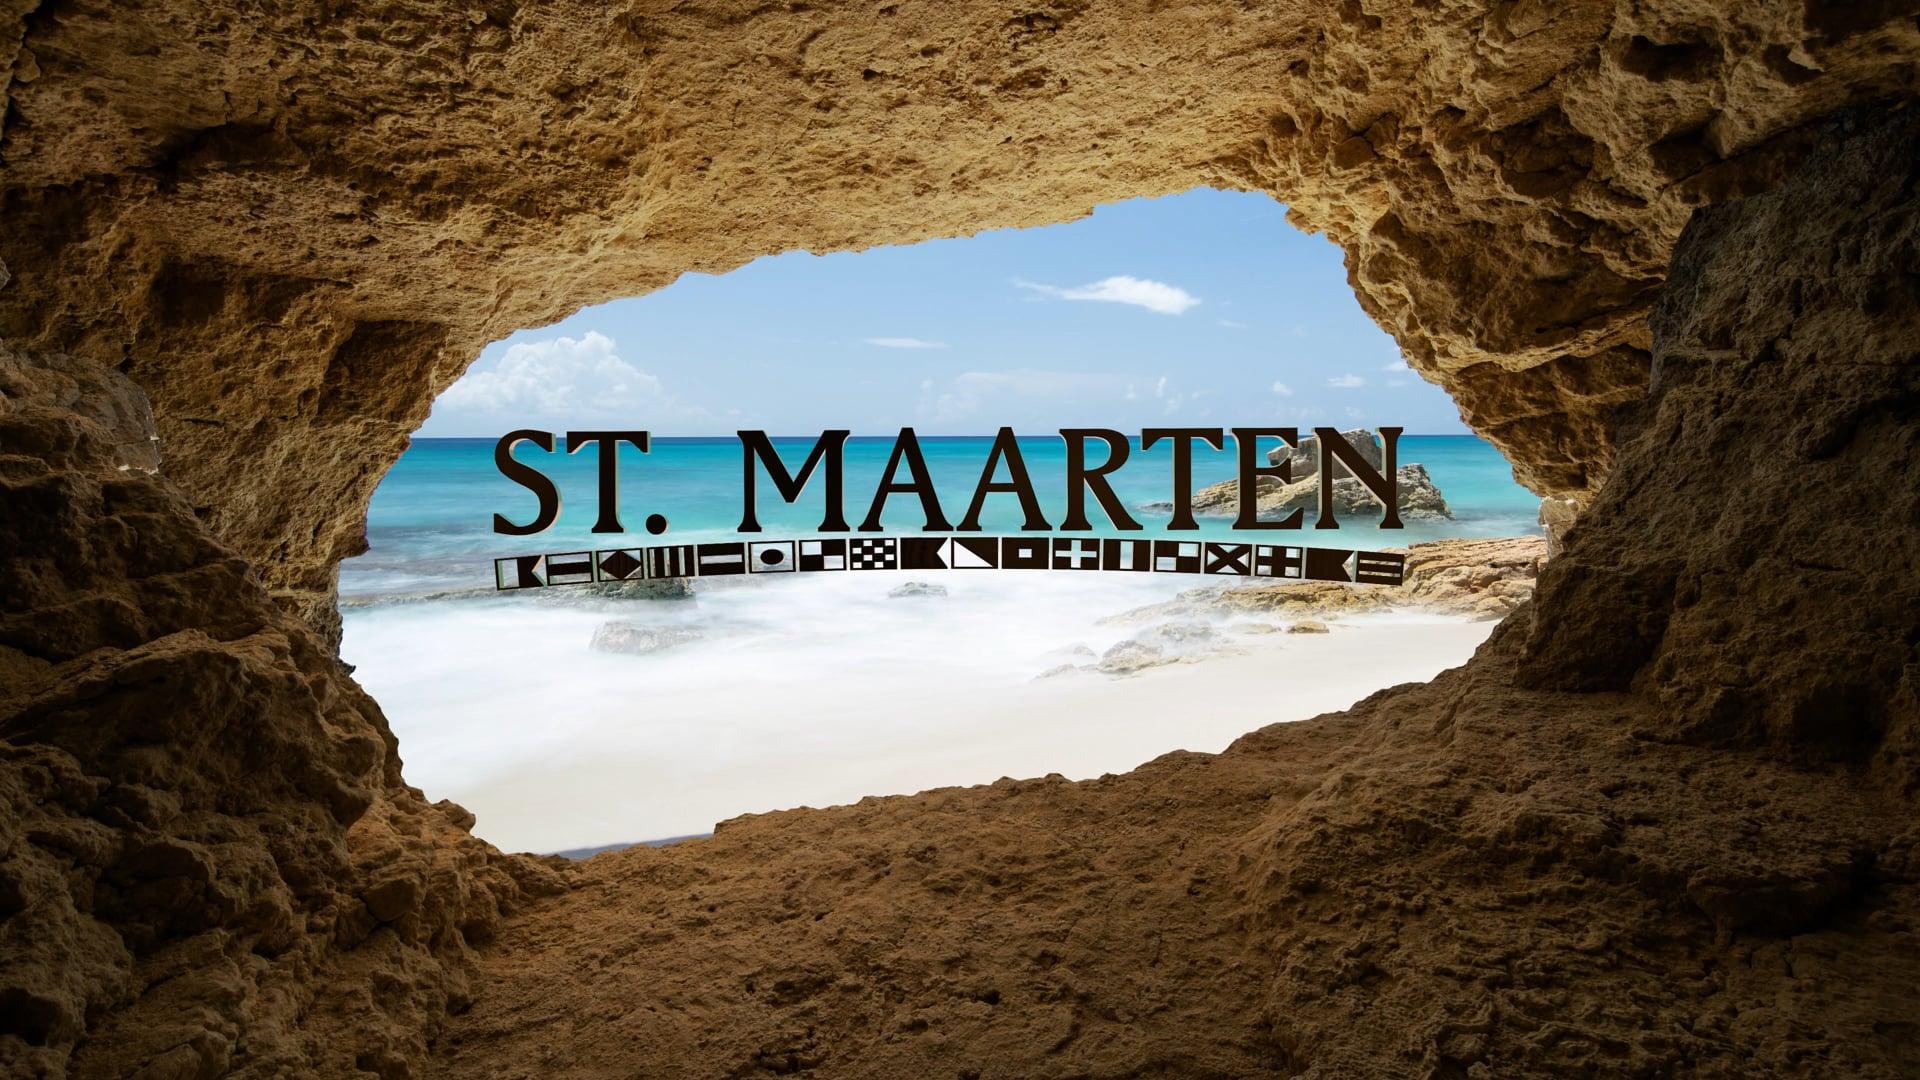 St. Maarten   Time-Lapse Flow Motion - In 4K